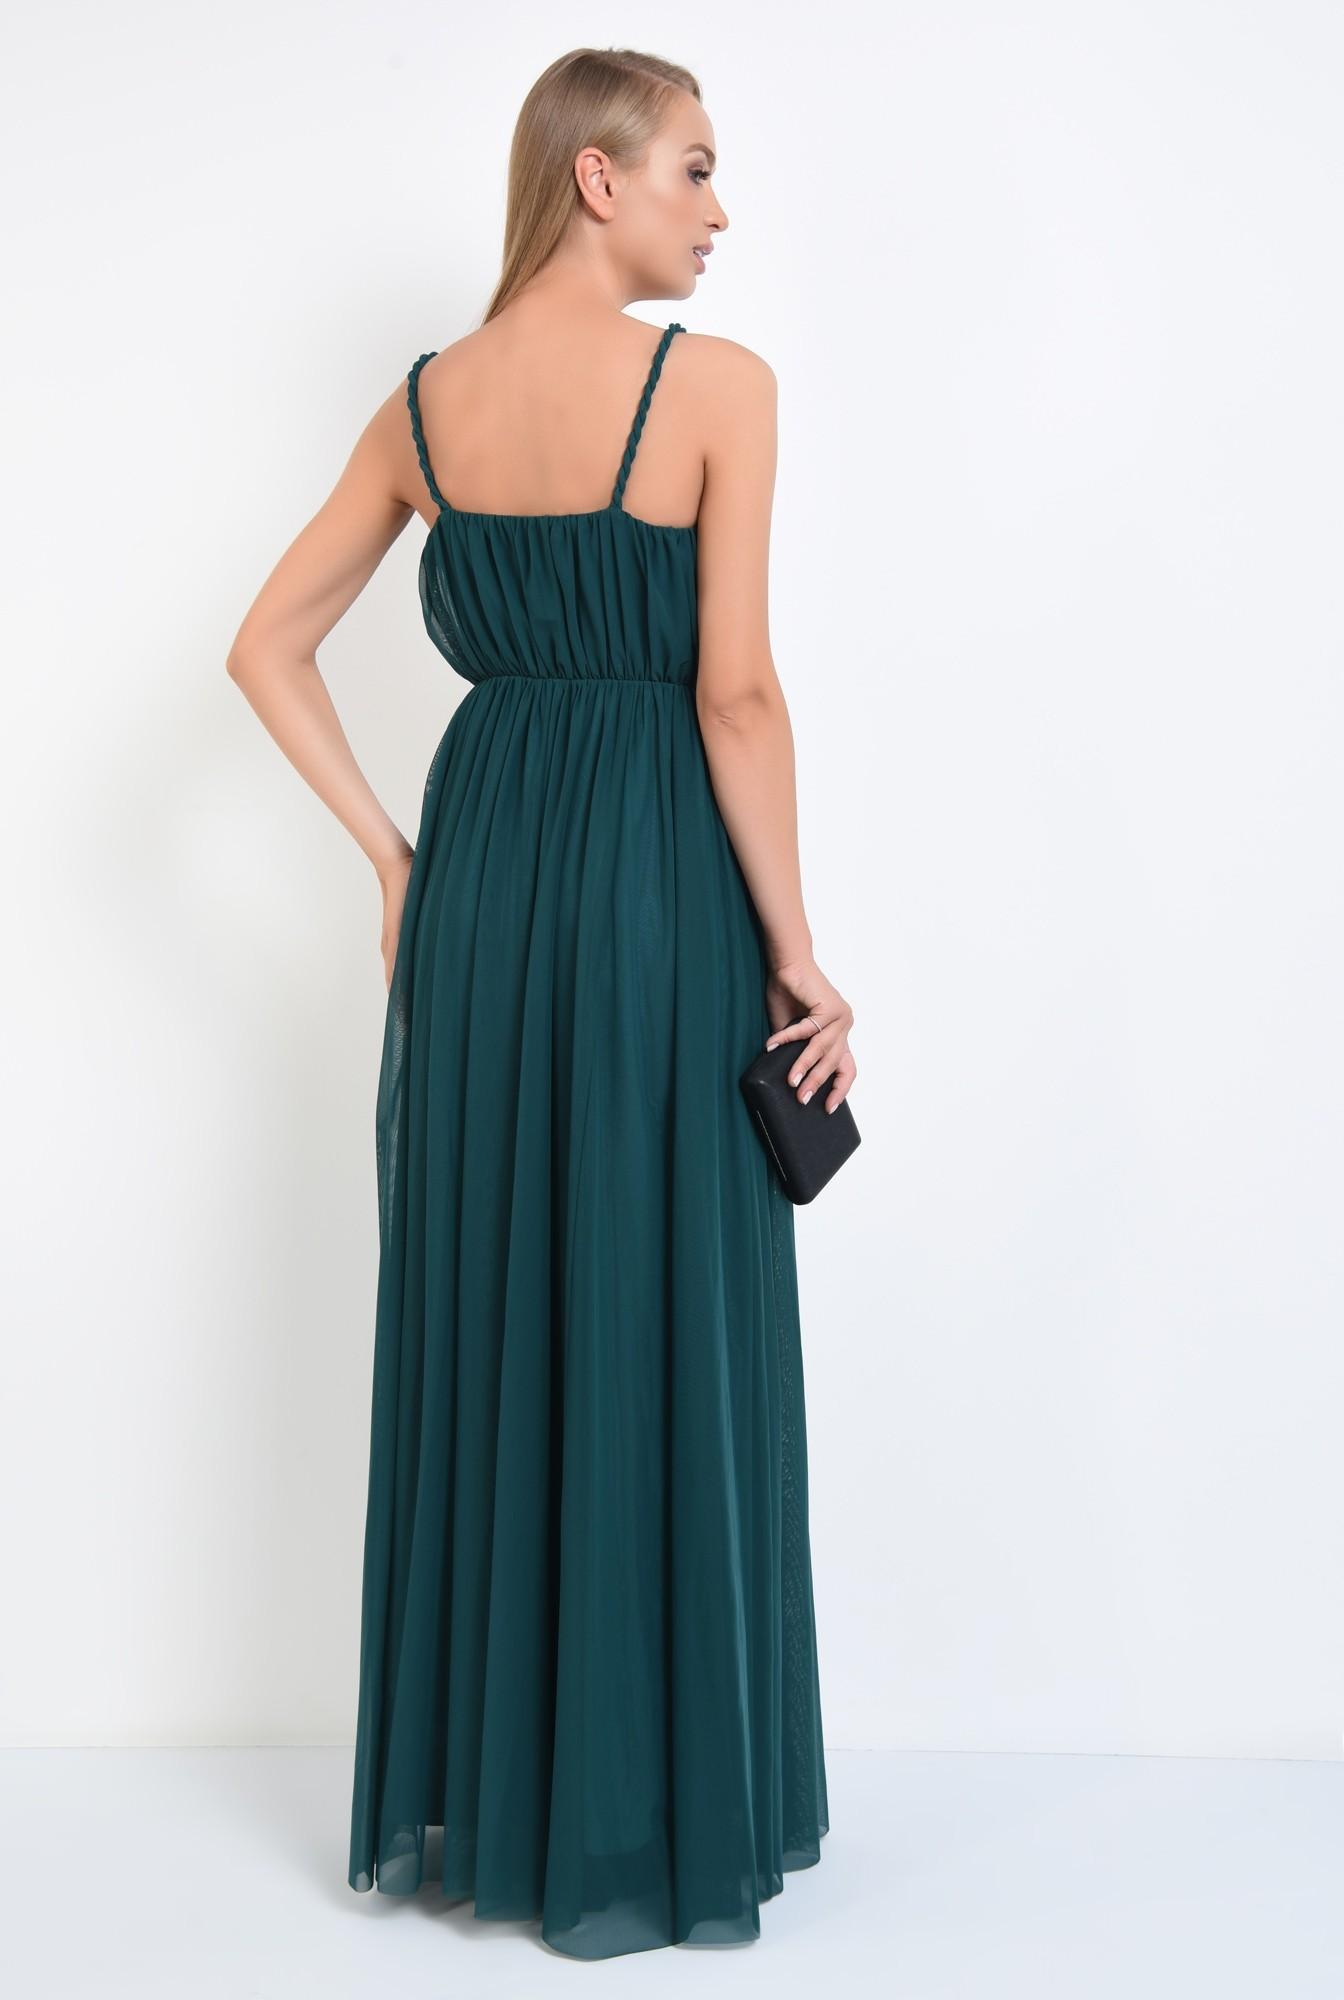 1 - rochie de seara, lunga, din tul, bretele rasucite, verde inchis